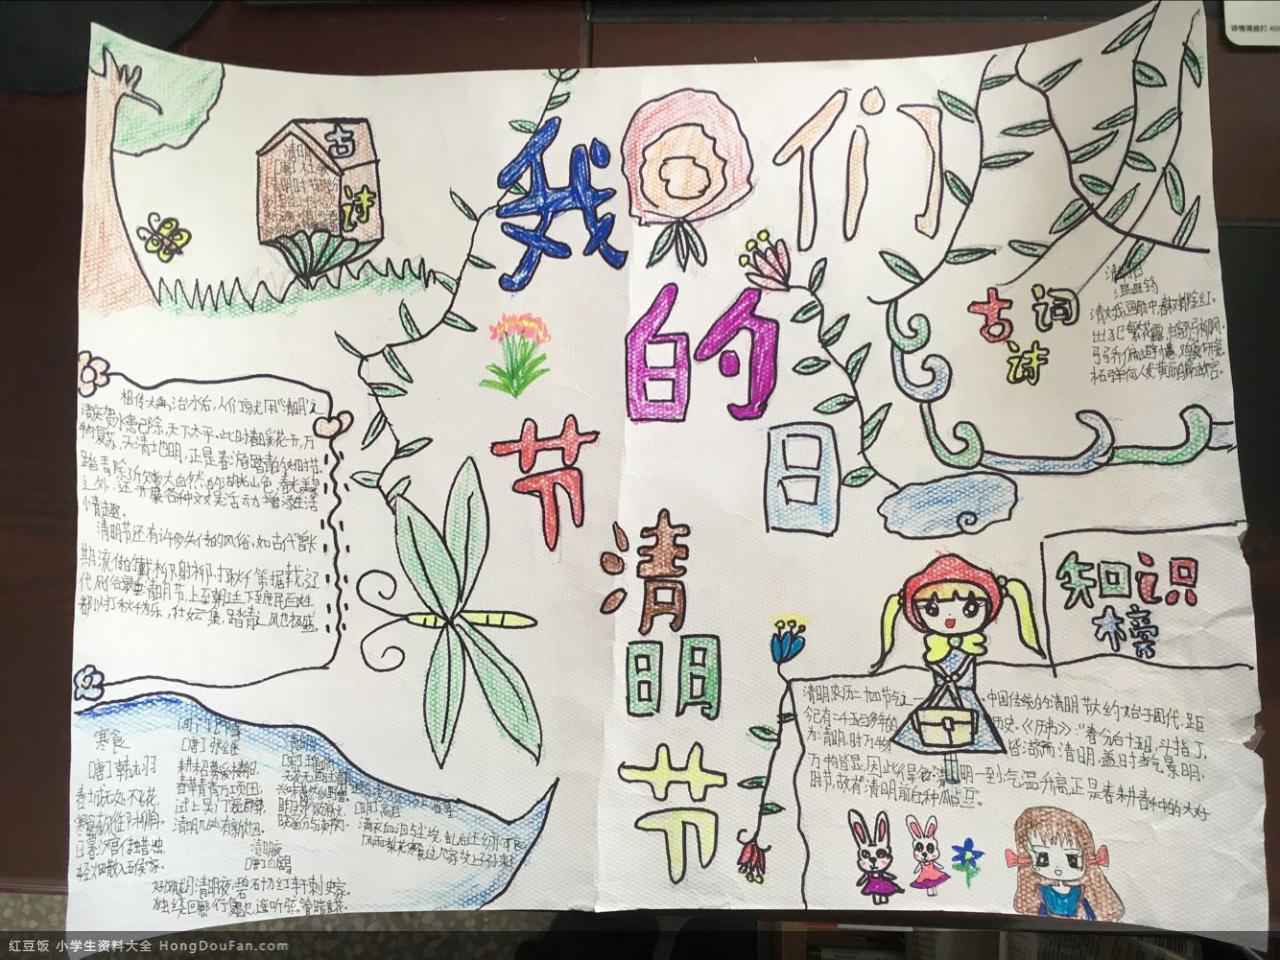 表情 清明节传说以及古诗词一年级绘画手抄报 红豆饭小学生资料大全